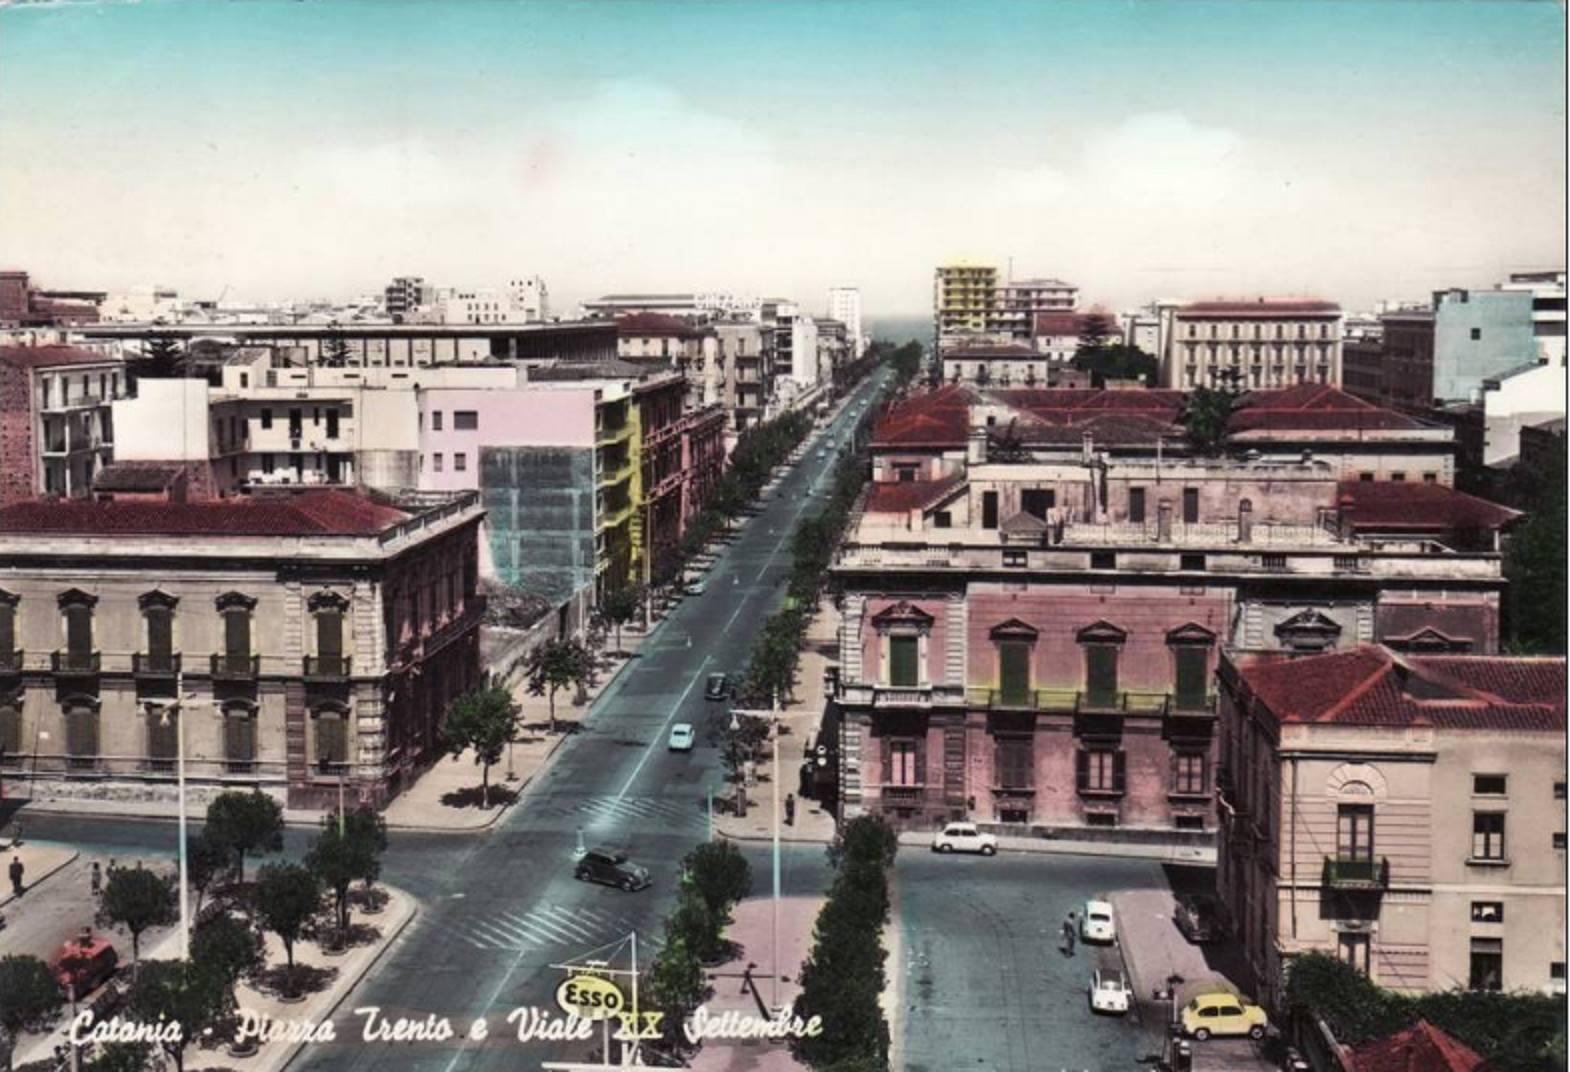 Catania antica: Piazza Treno e Viale XX Settembre